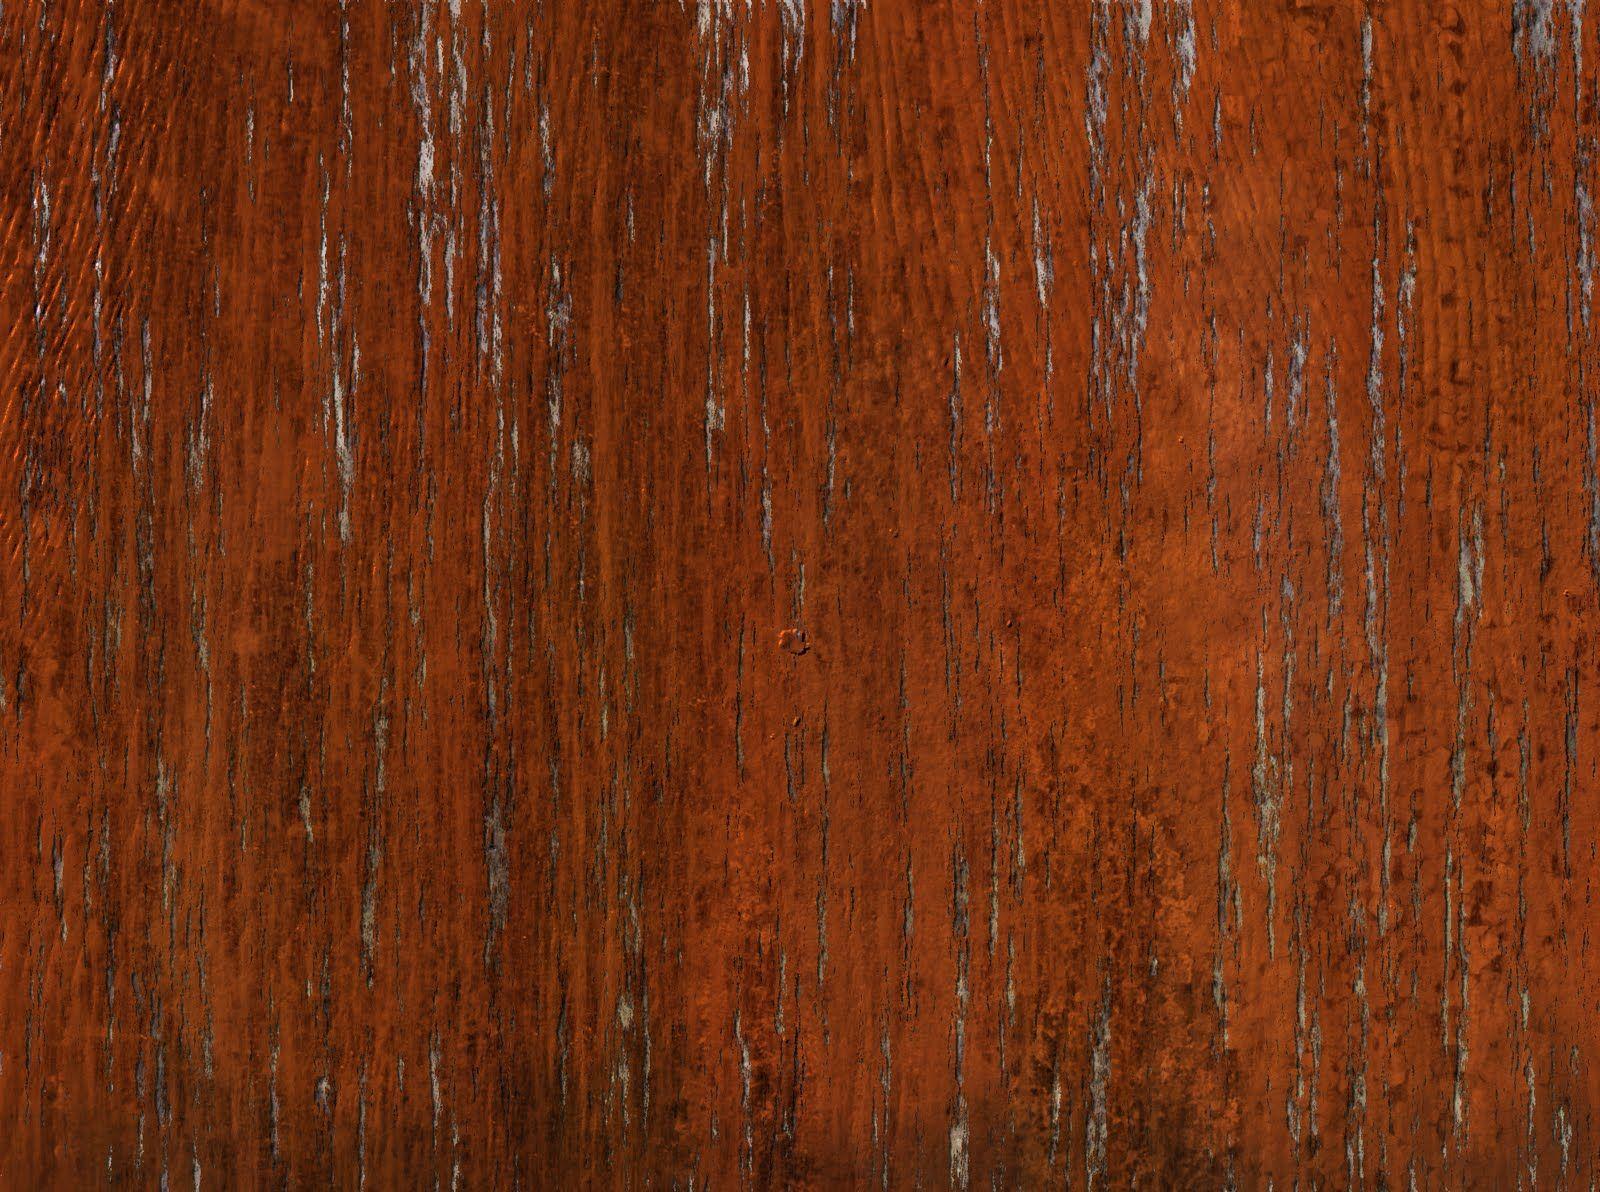 Old Wood Chair Texture Recherche Google Textures Wood Pinterest